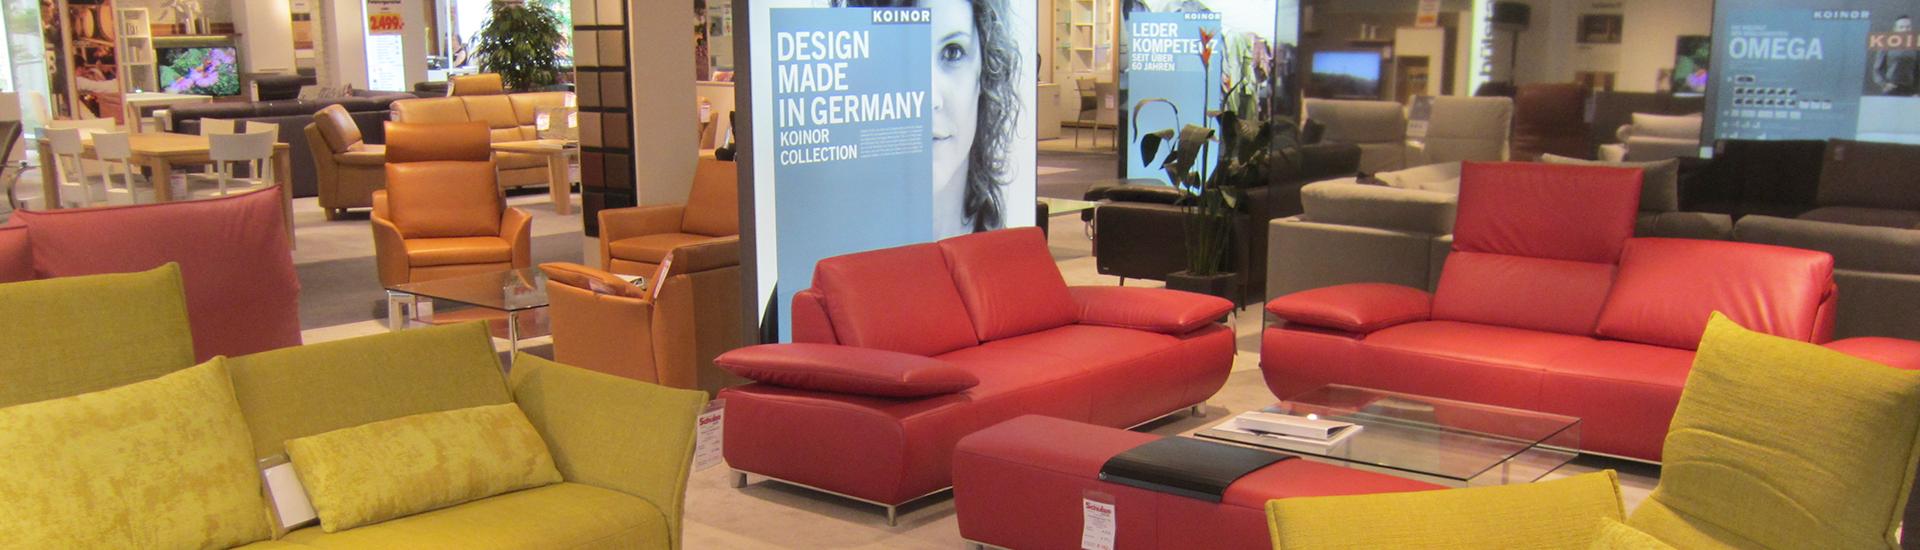 KOINOR - Sofas, Sitzlandschaften, Relaxliegen, Sessel - Möbel Schulze Coburg, Rödental & Ilmenau